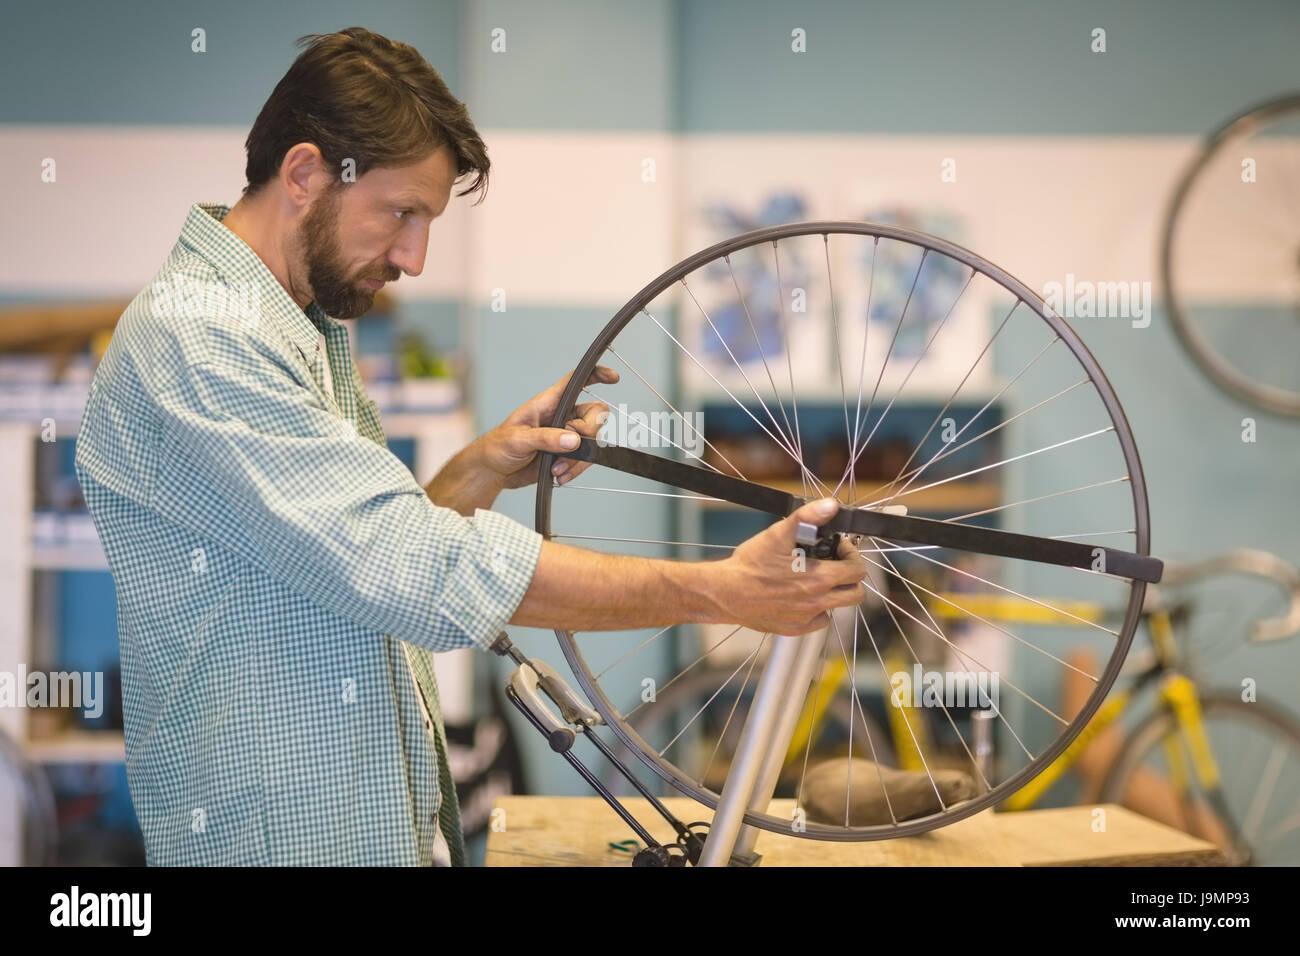 Vista lateral del trabajador centrado de ruedas reparación en taller de bicicletas vintage Imagen De Stock